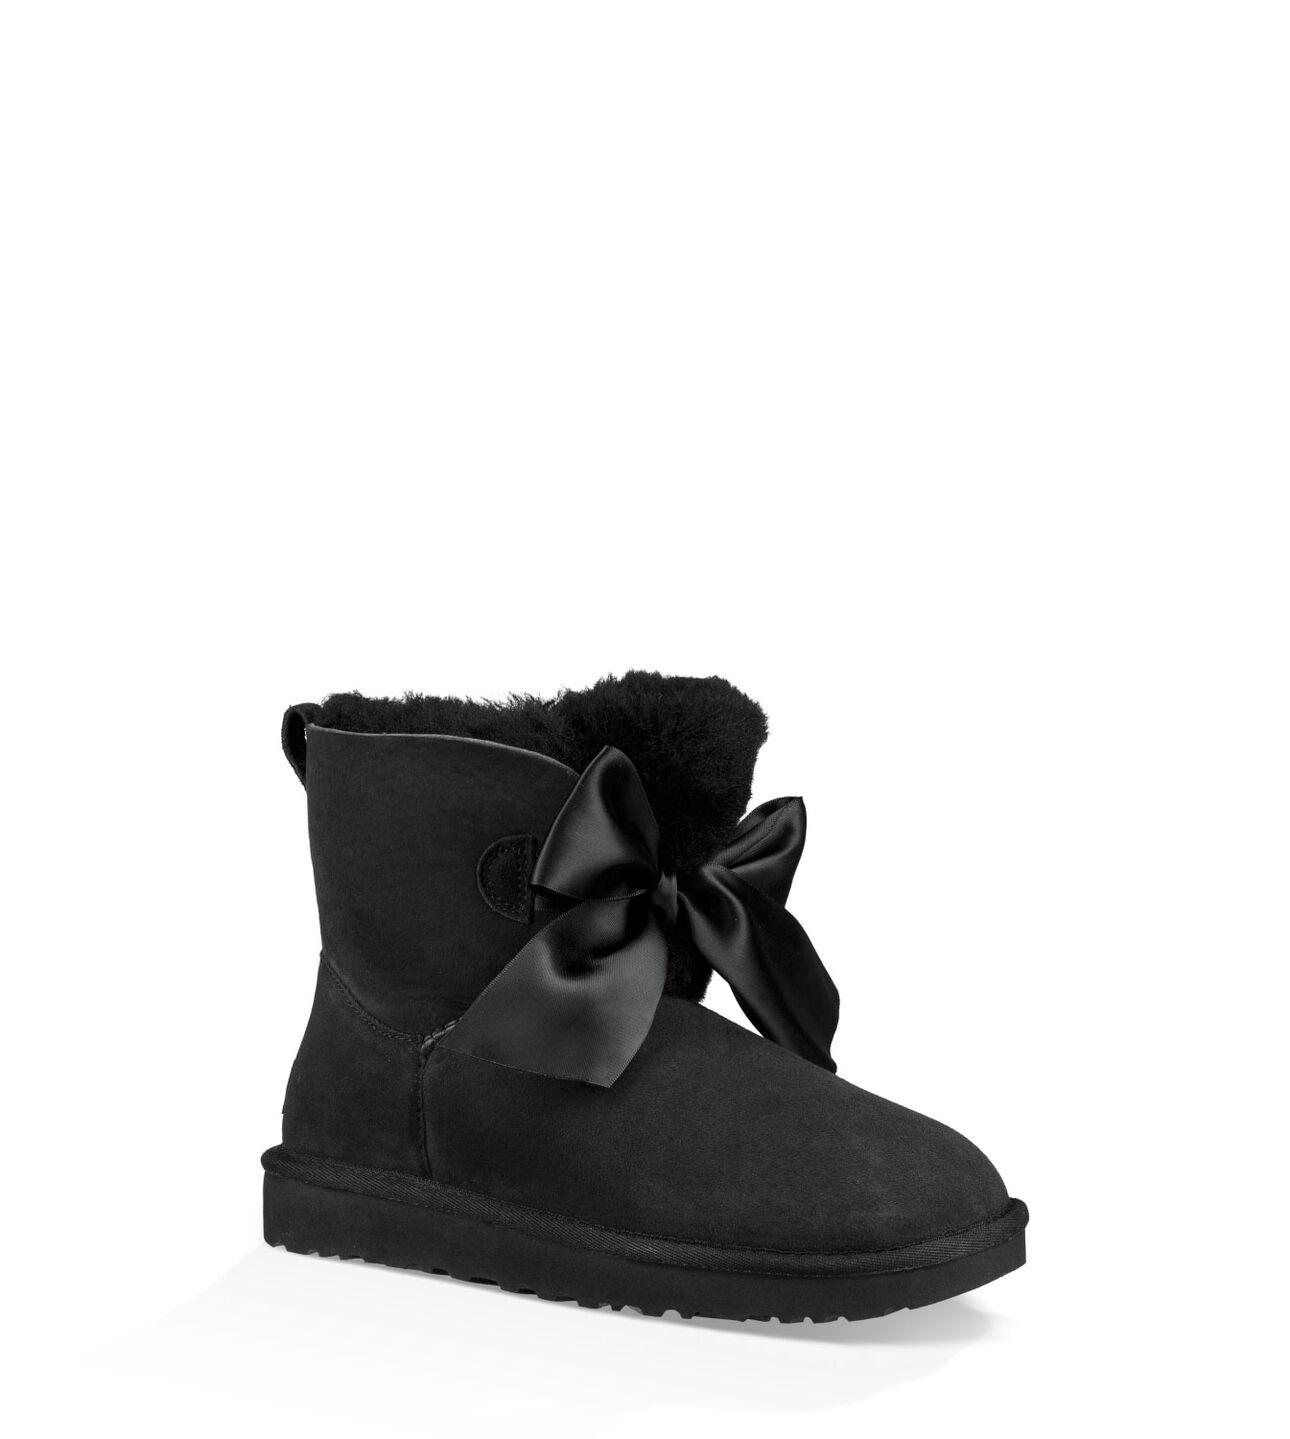 25bc003f3da Gita Bow Mini Boot